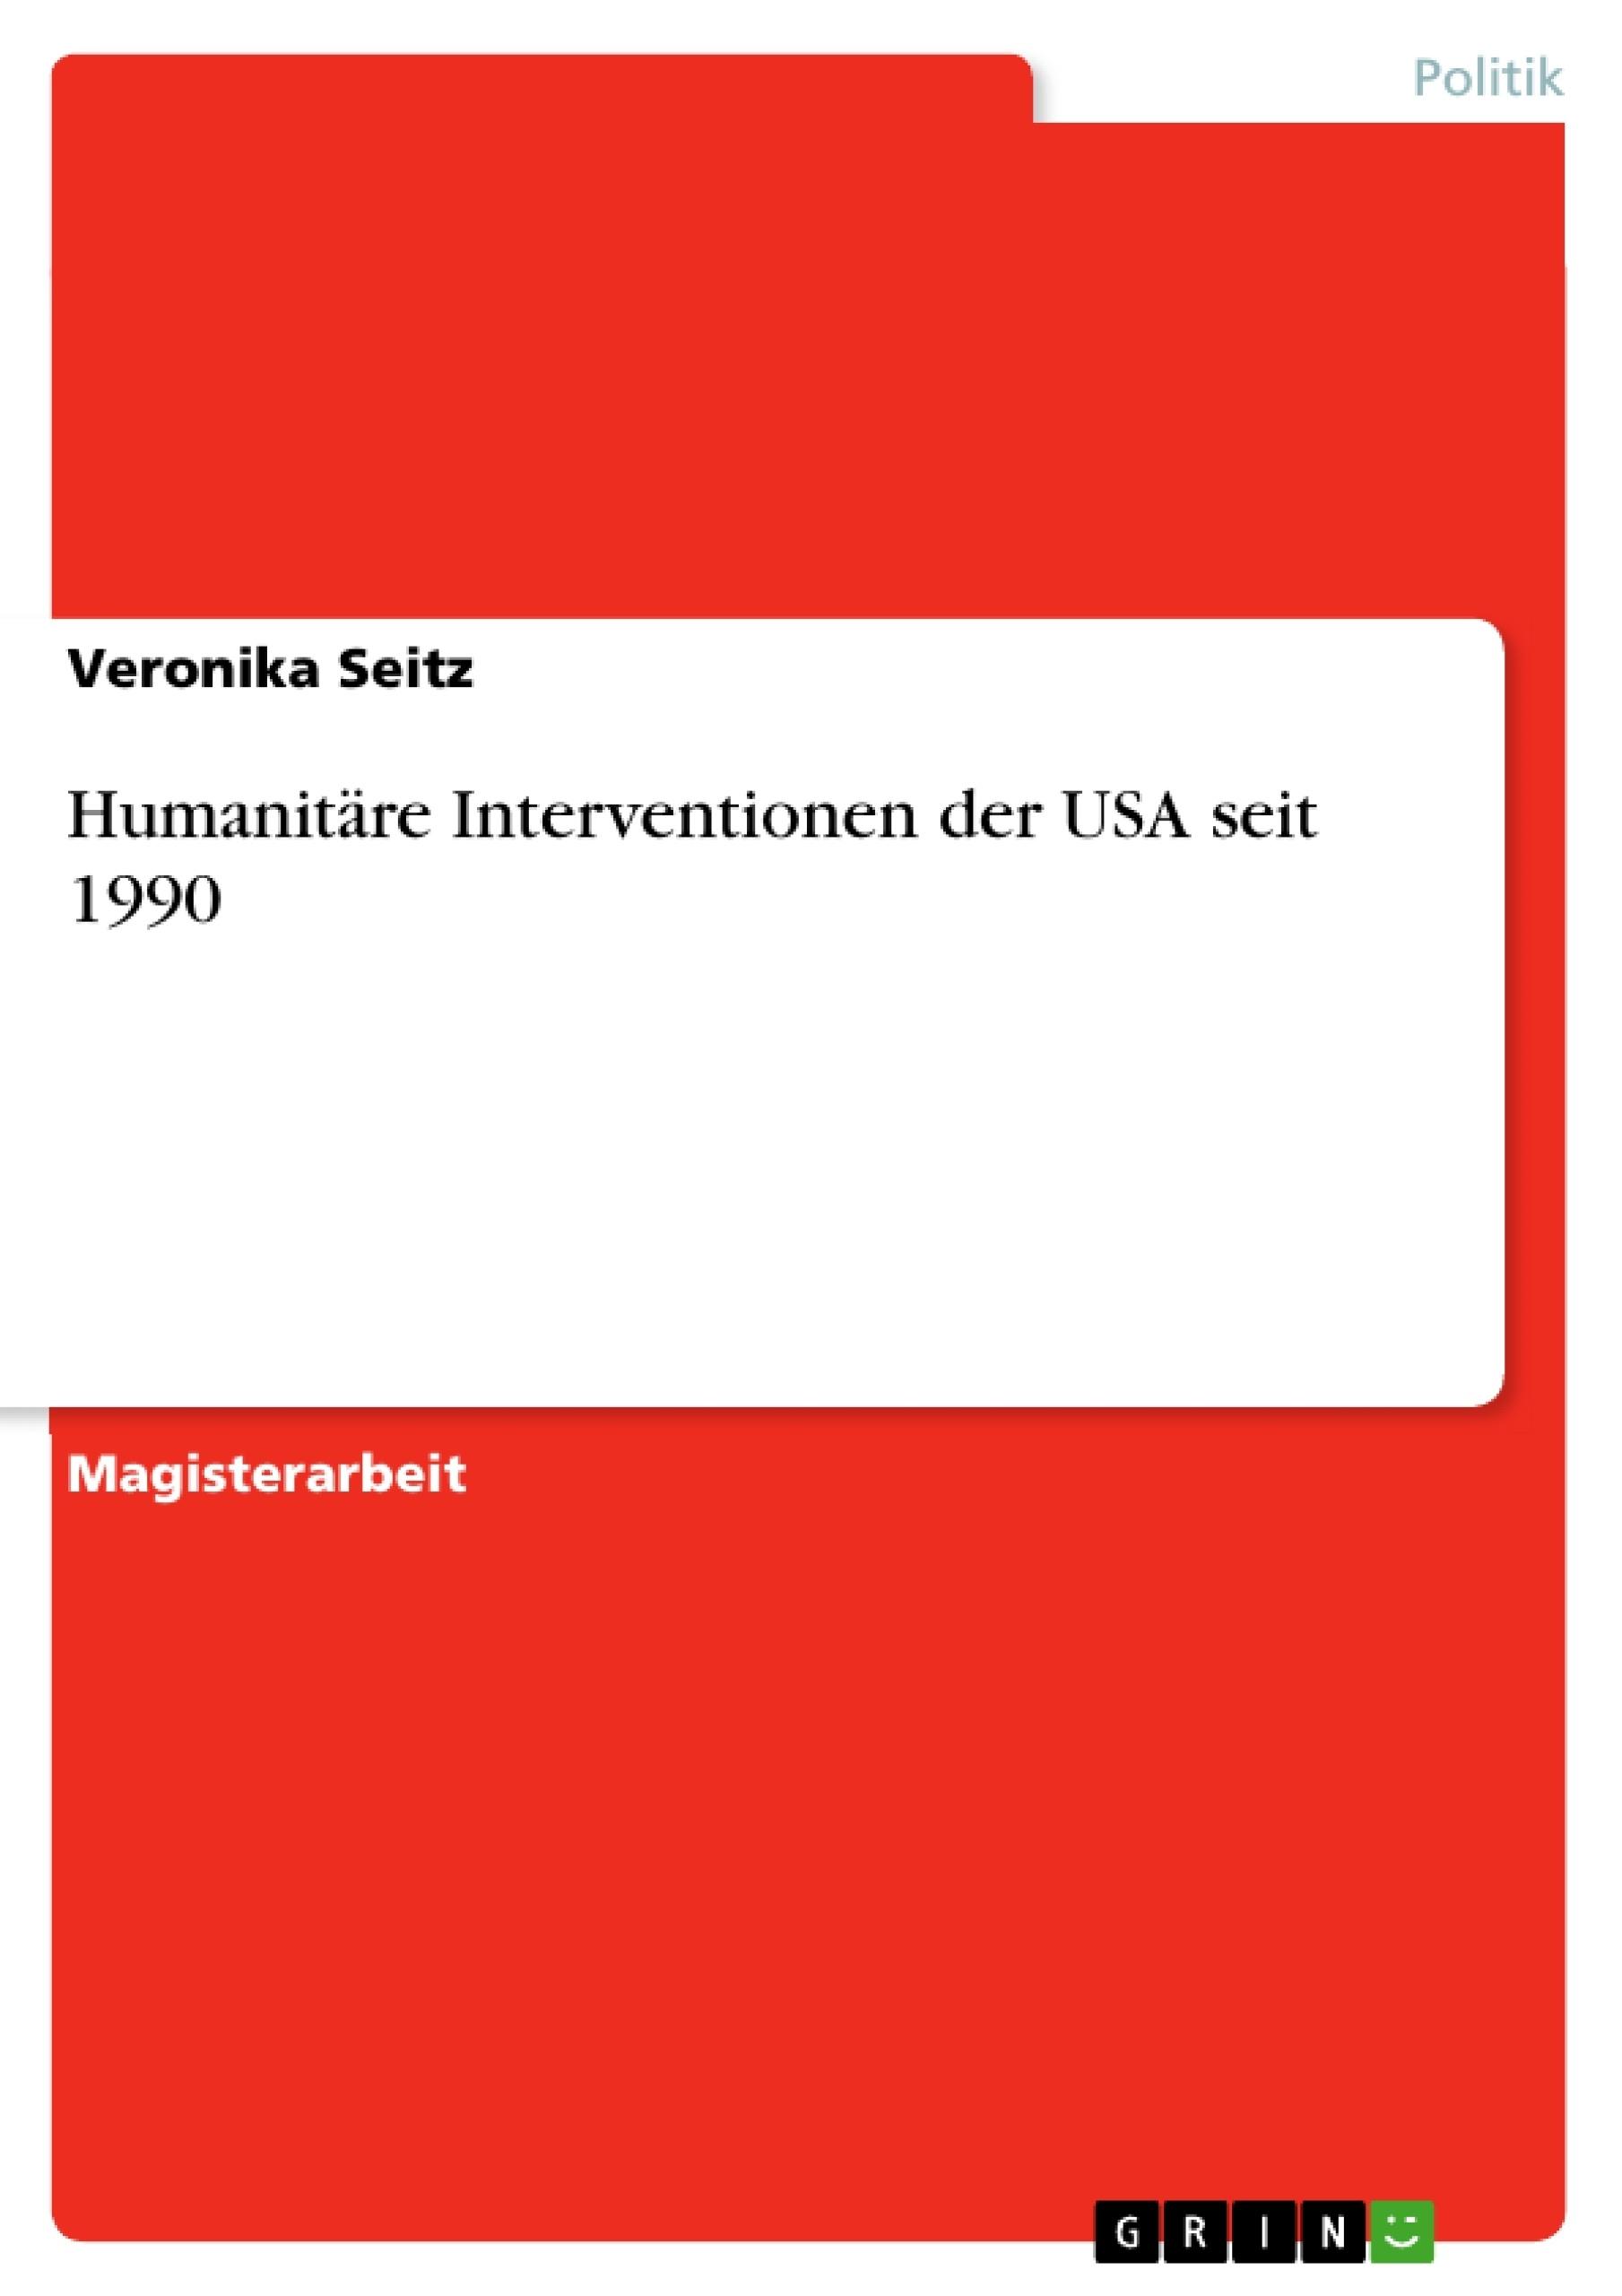 Titel: Humanitäre Interventionen der USA seit 1990